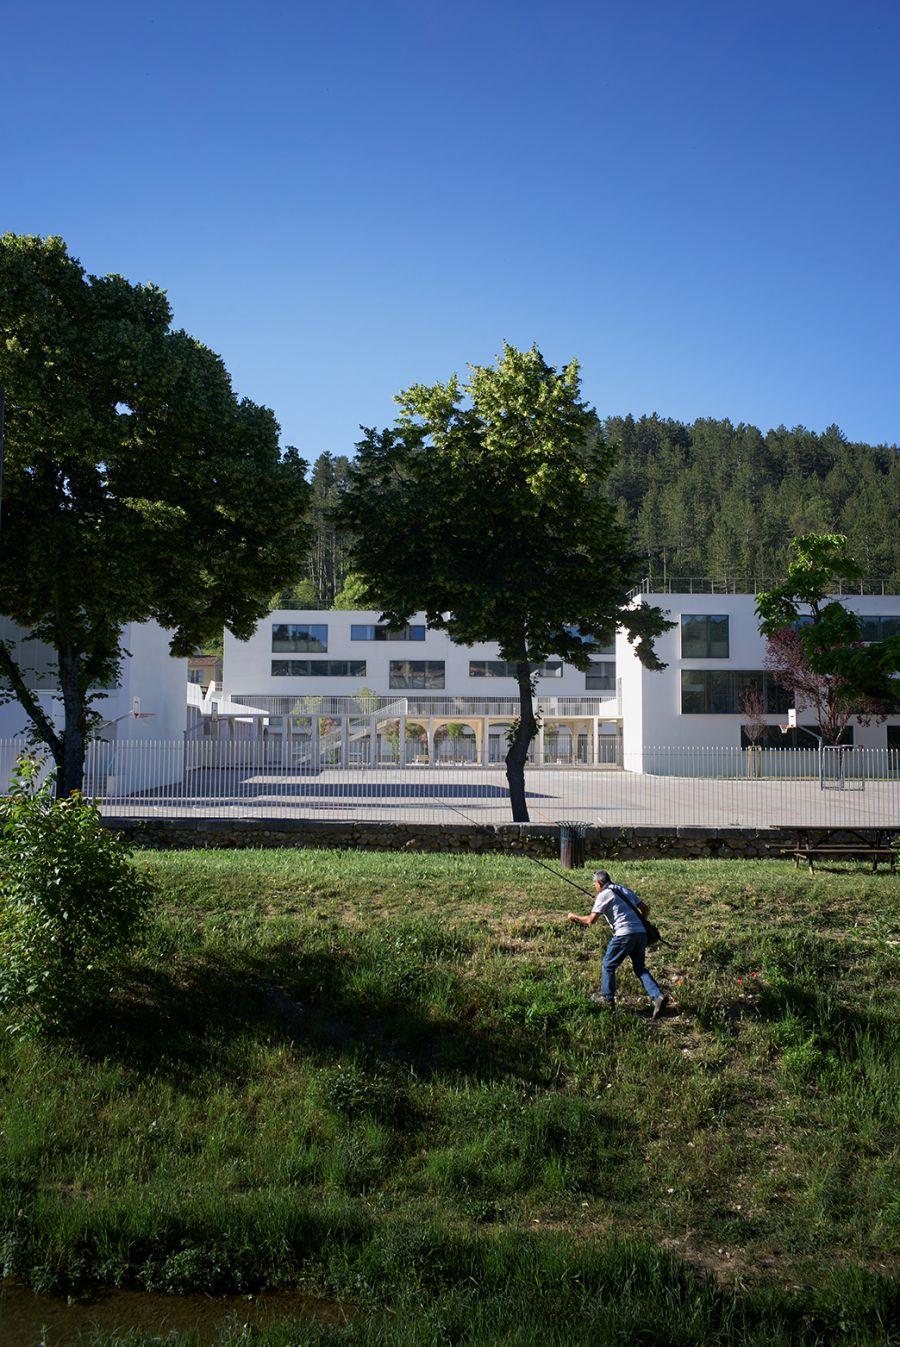 Collège Maxime Javelly - Arch. Céline Teddé & Jérôme Apack - Photo : Julien Lanoo